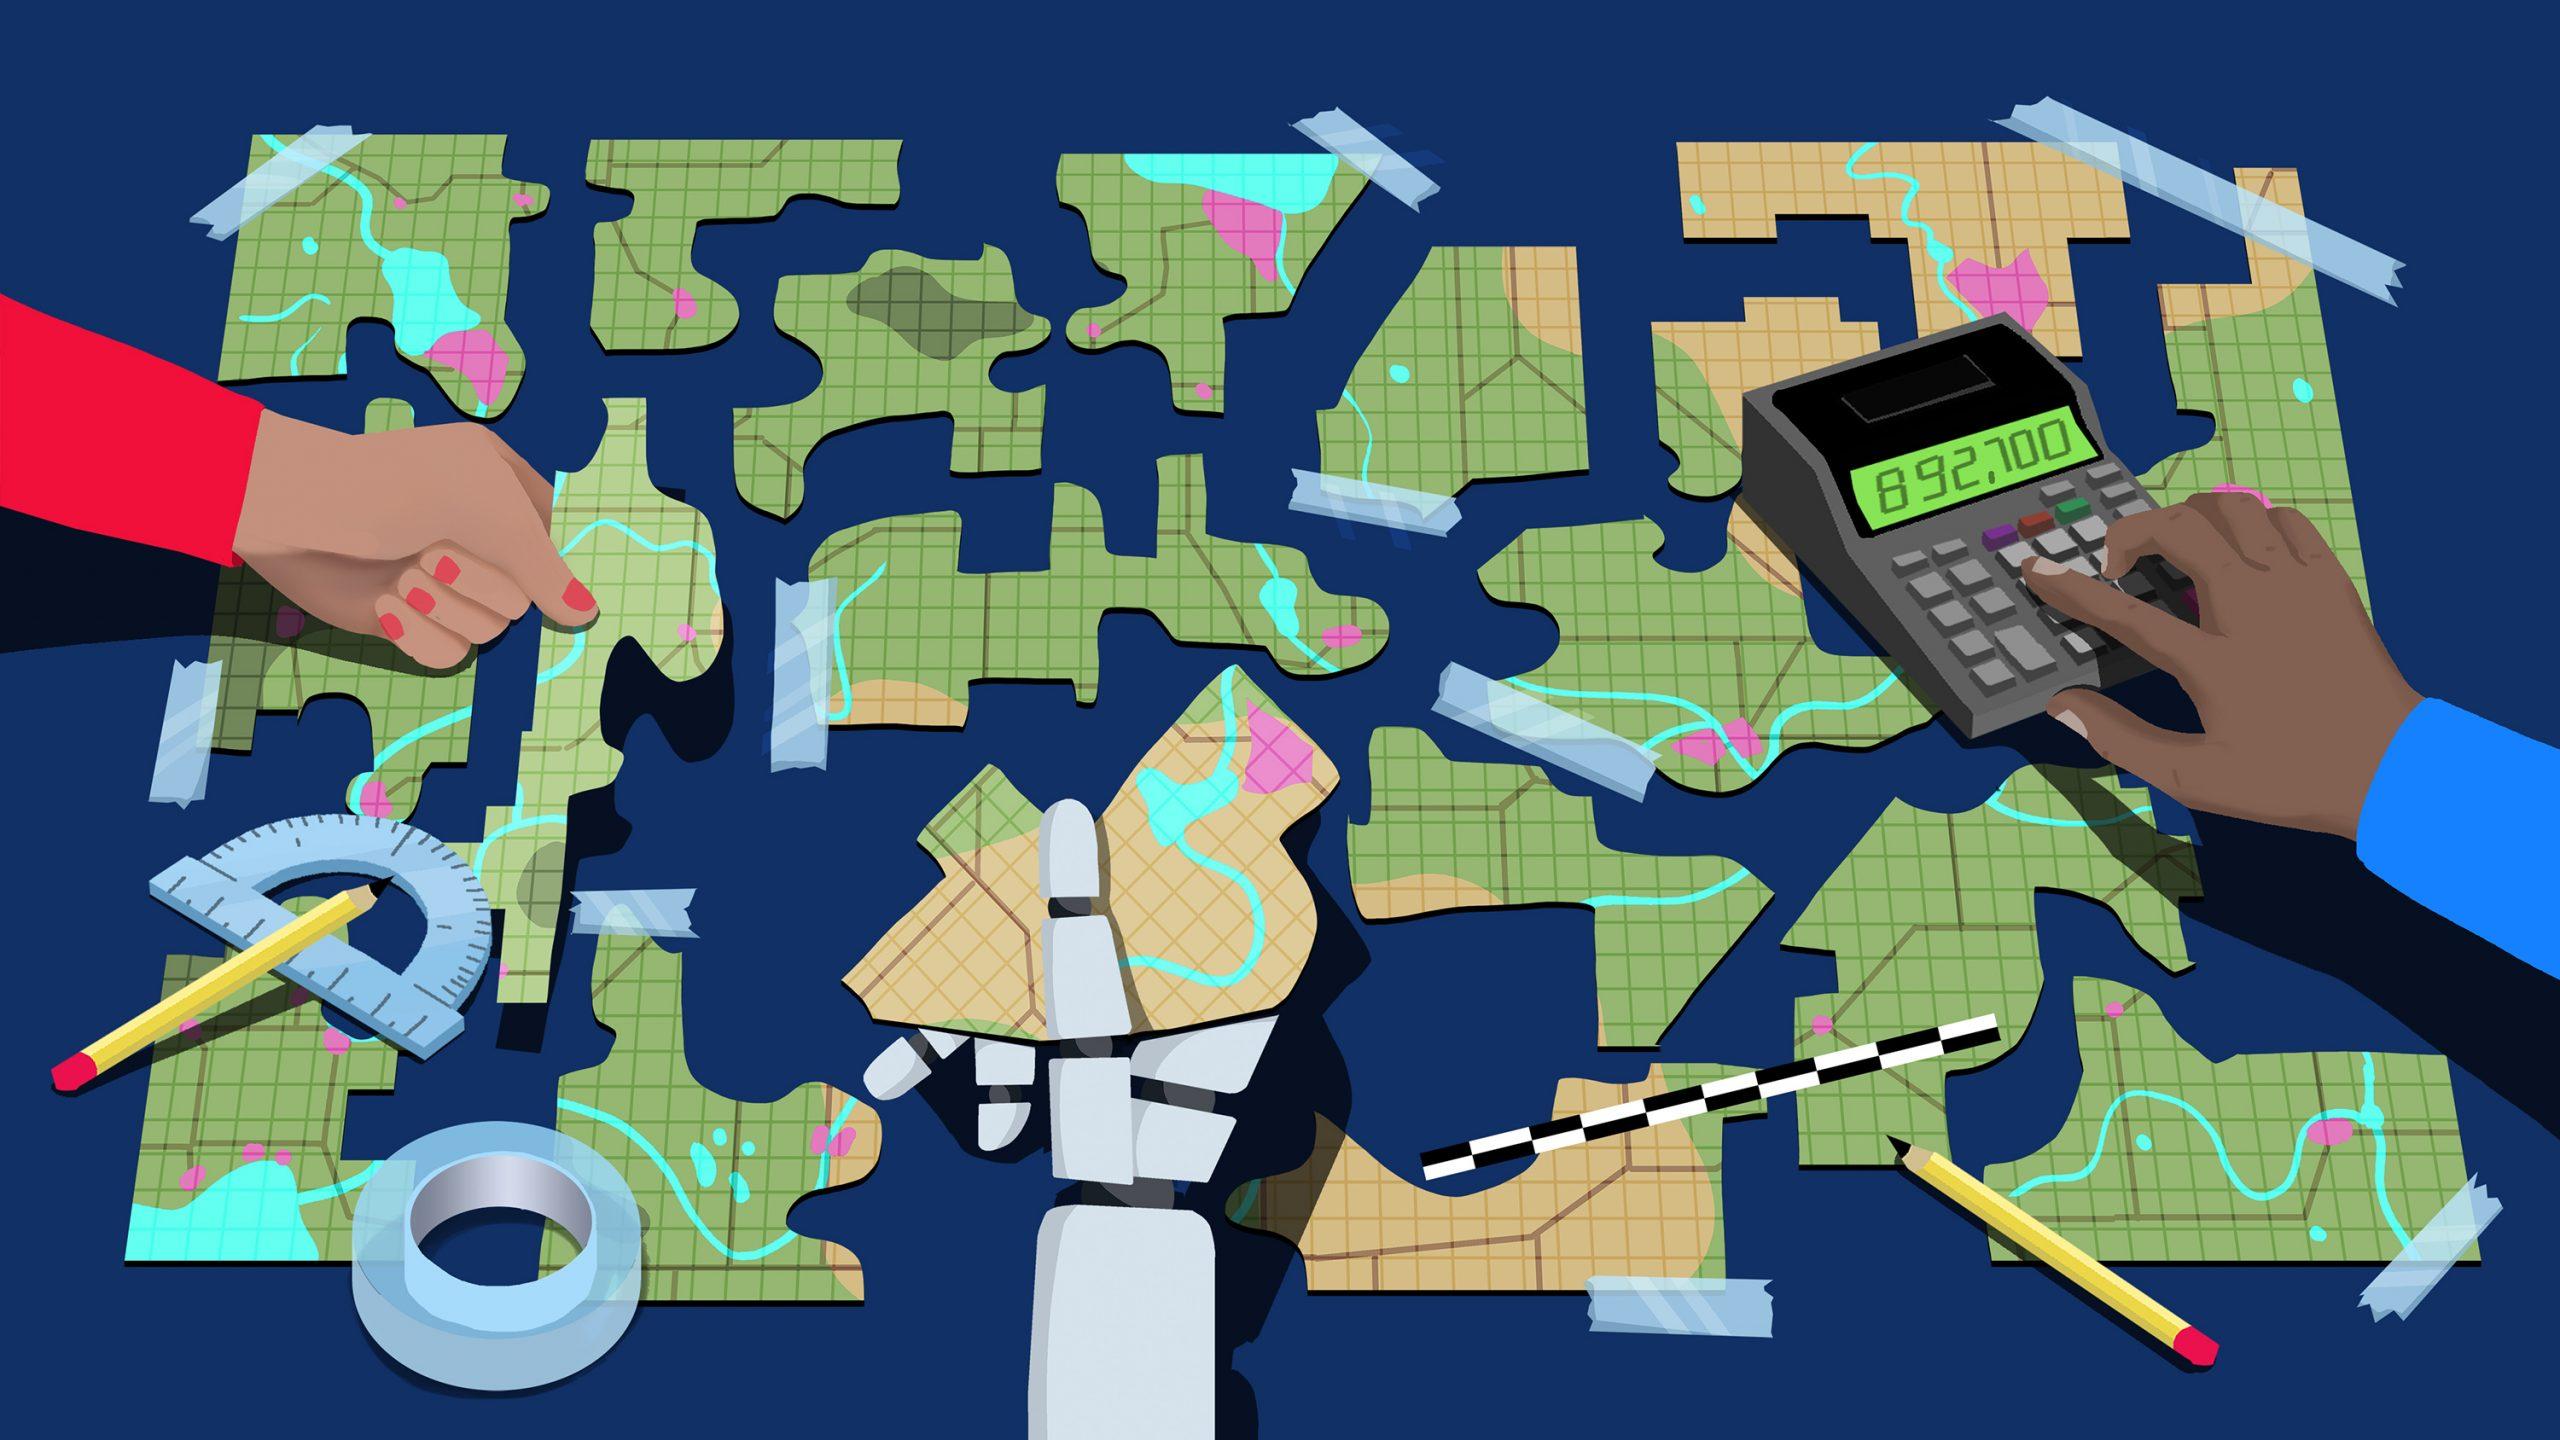 民意を無視する選挙ハック 「ゲリマンダー」を防げ、 検証を支える数学者たち